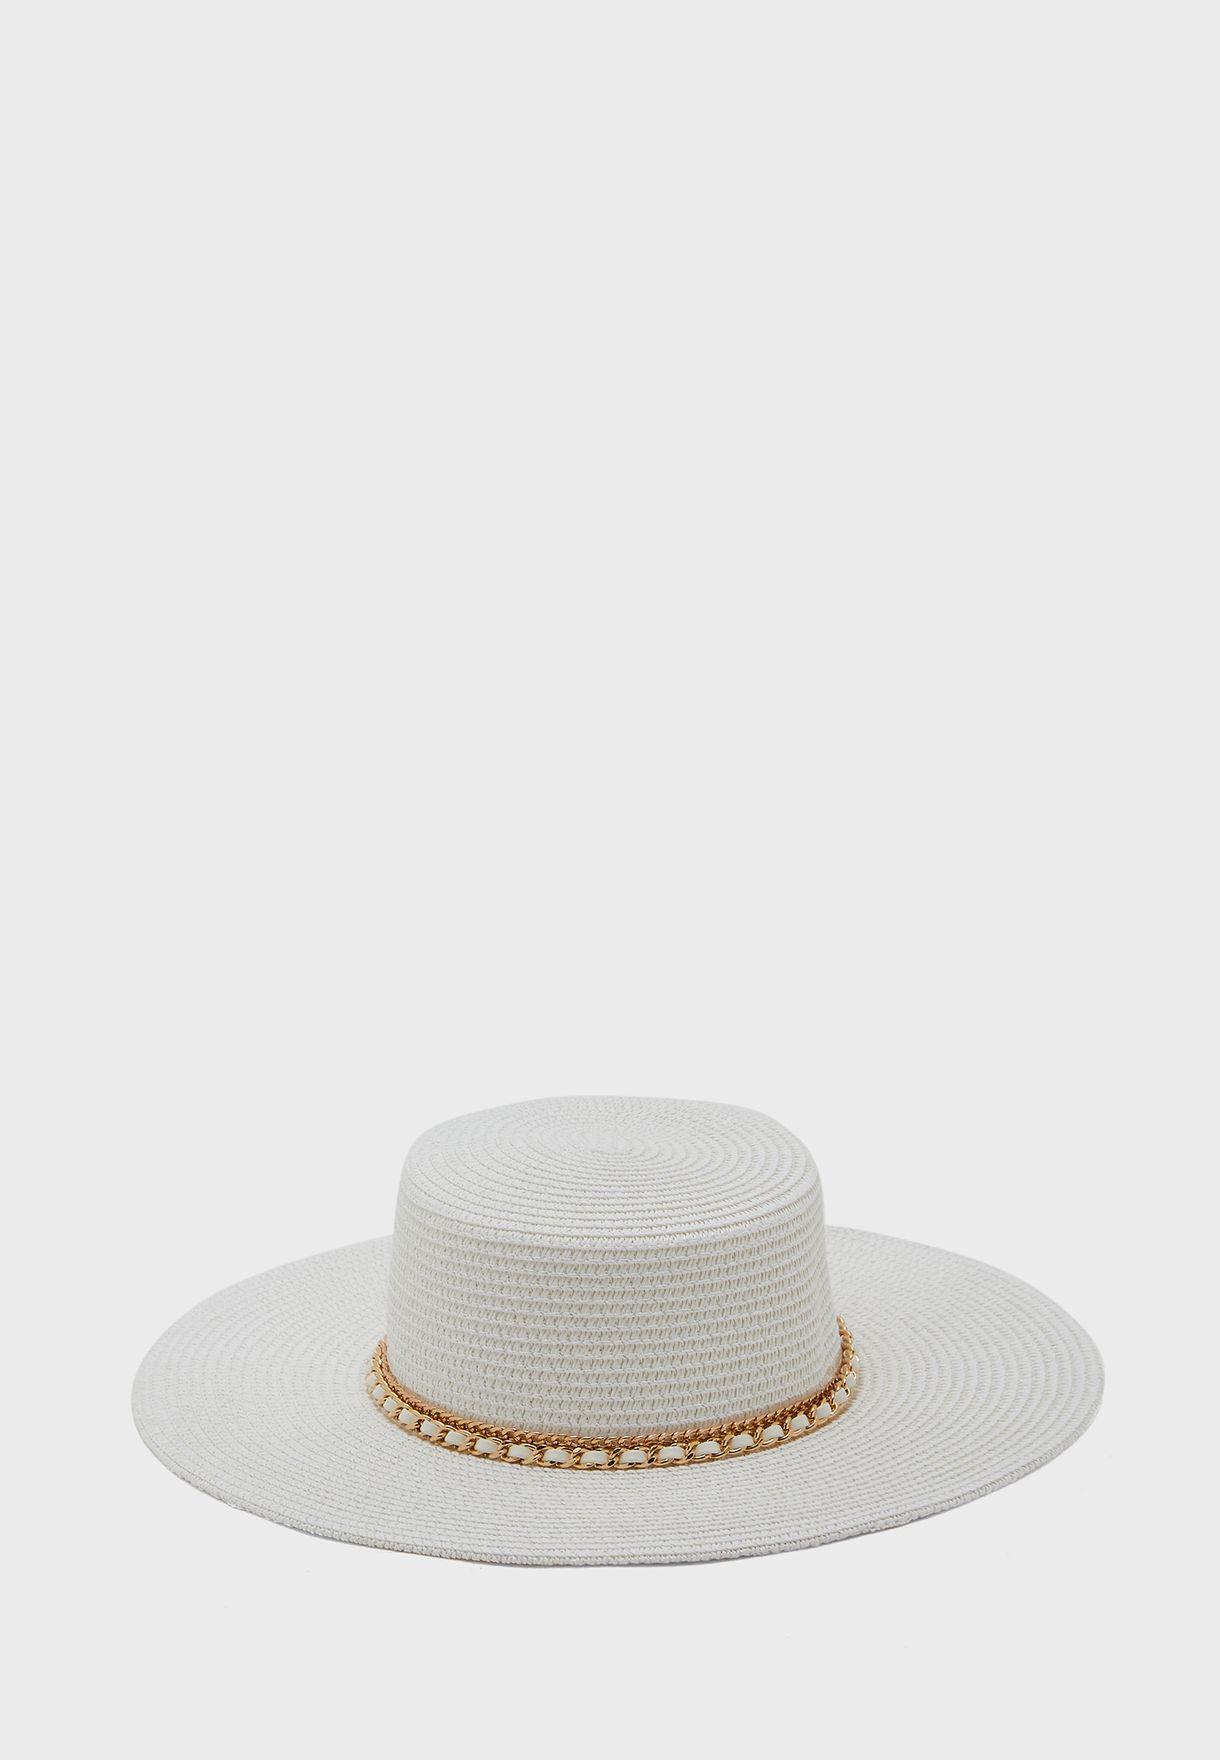 Chain Detail Wide Brim Straw Hat